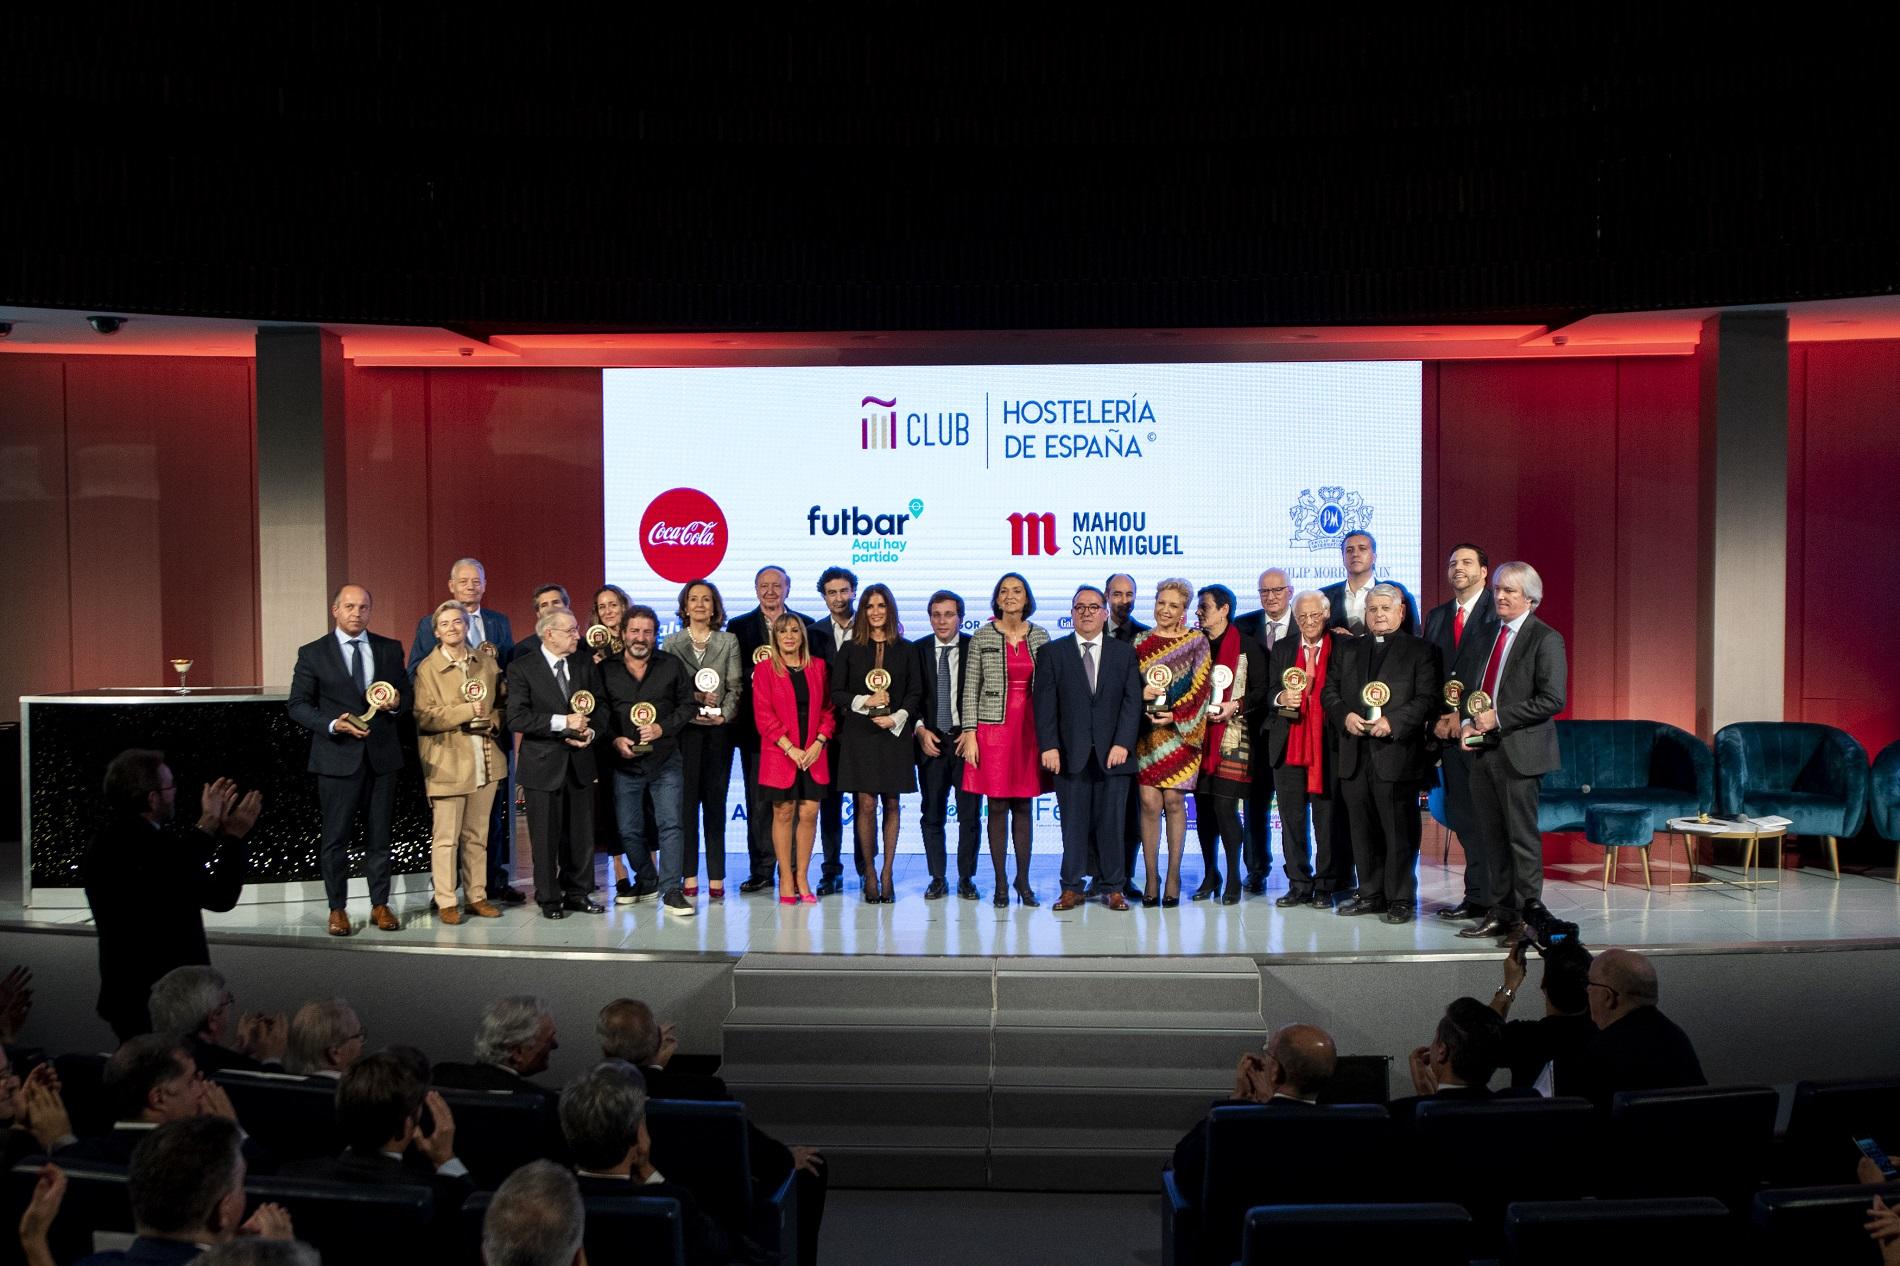 Los Premios Nacionales de Hostelería reconocen a 16 figuras y proyectos por su compromiso con áreas como la innovación, la RSC y la sostenibilidad - La Viña